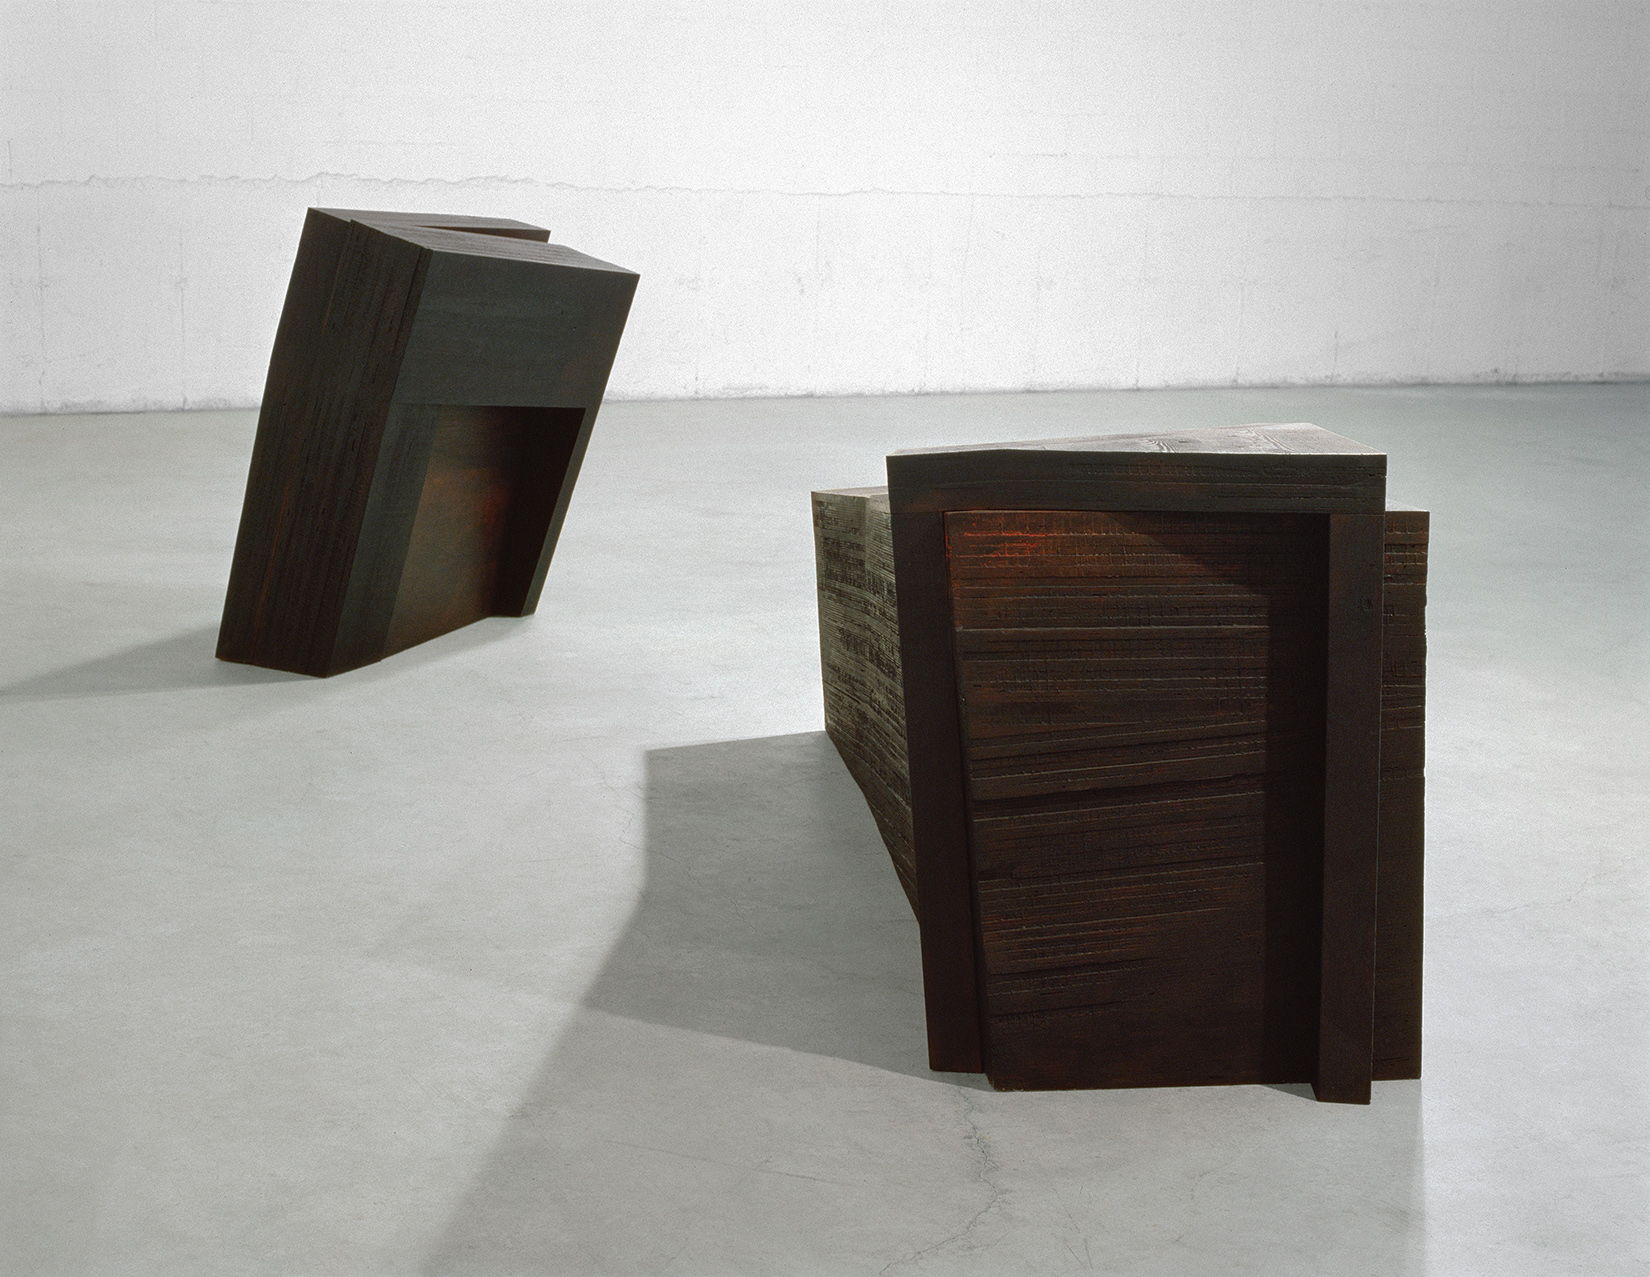 Le temps ralenti (à Hélène)  (1989)   Bois polychrome, 127 x 101.6 x 400 cm, collection du Musée des beaux-arts de l'Ontario (AGO). photo : Richard-Max Tremblay